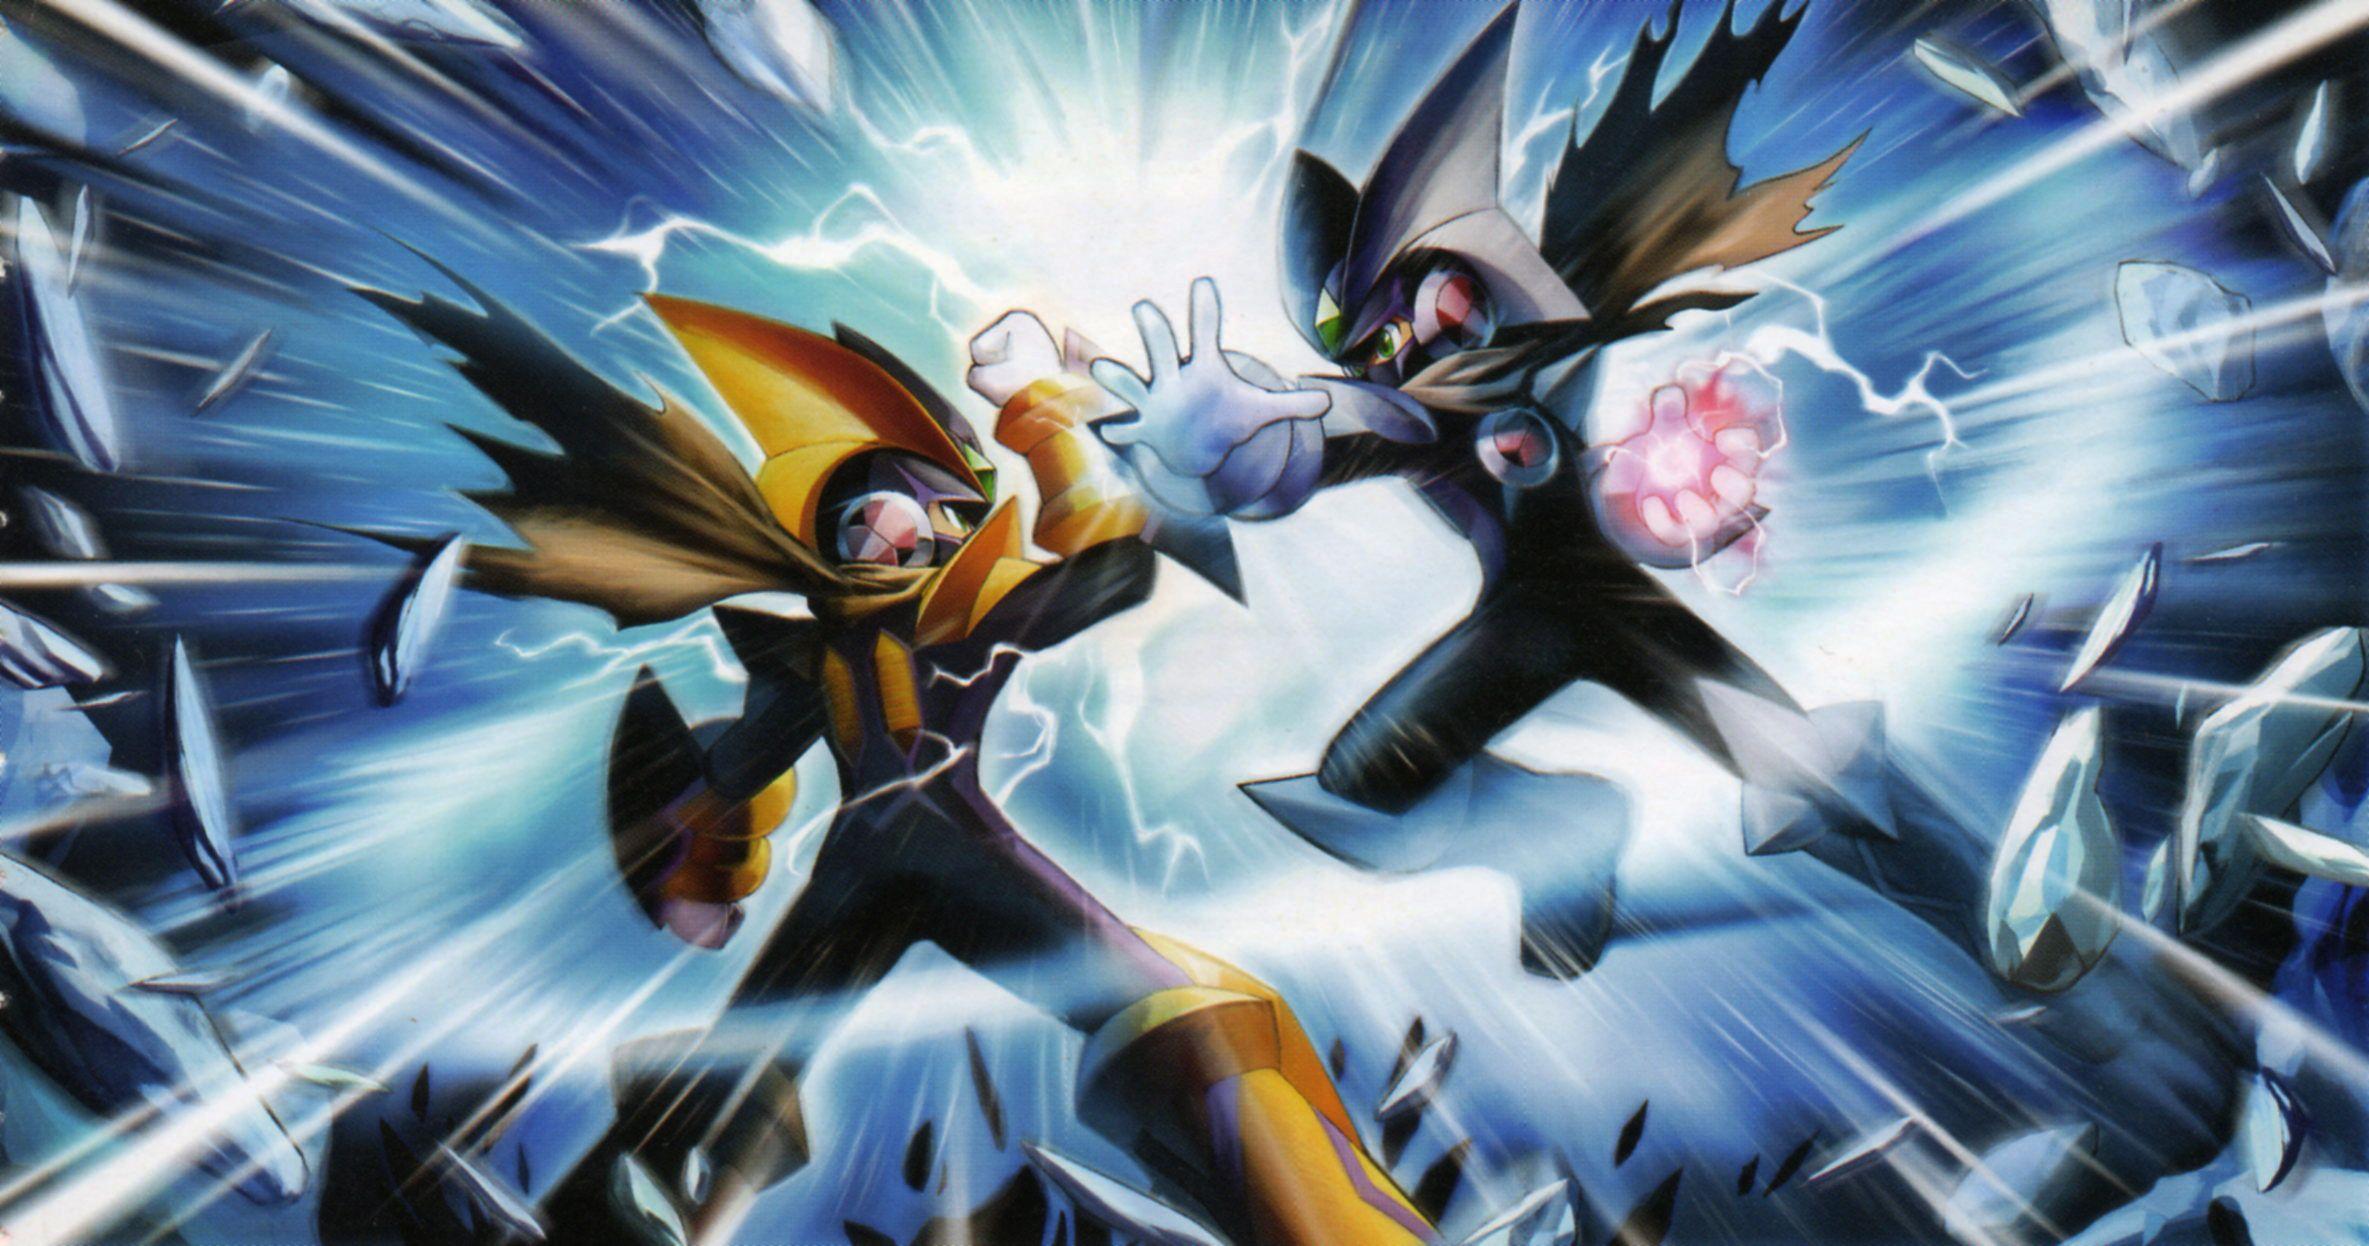 http://vignette2.wikia.nocookie.net/megaman/images/5/54/Capcom498.jpg/revision/latest?cb=20130604152950